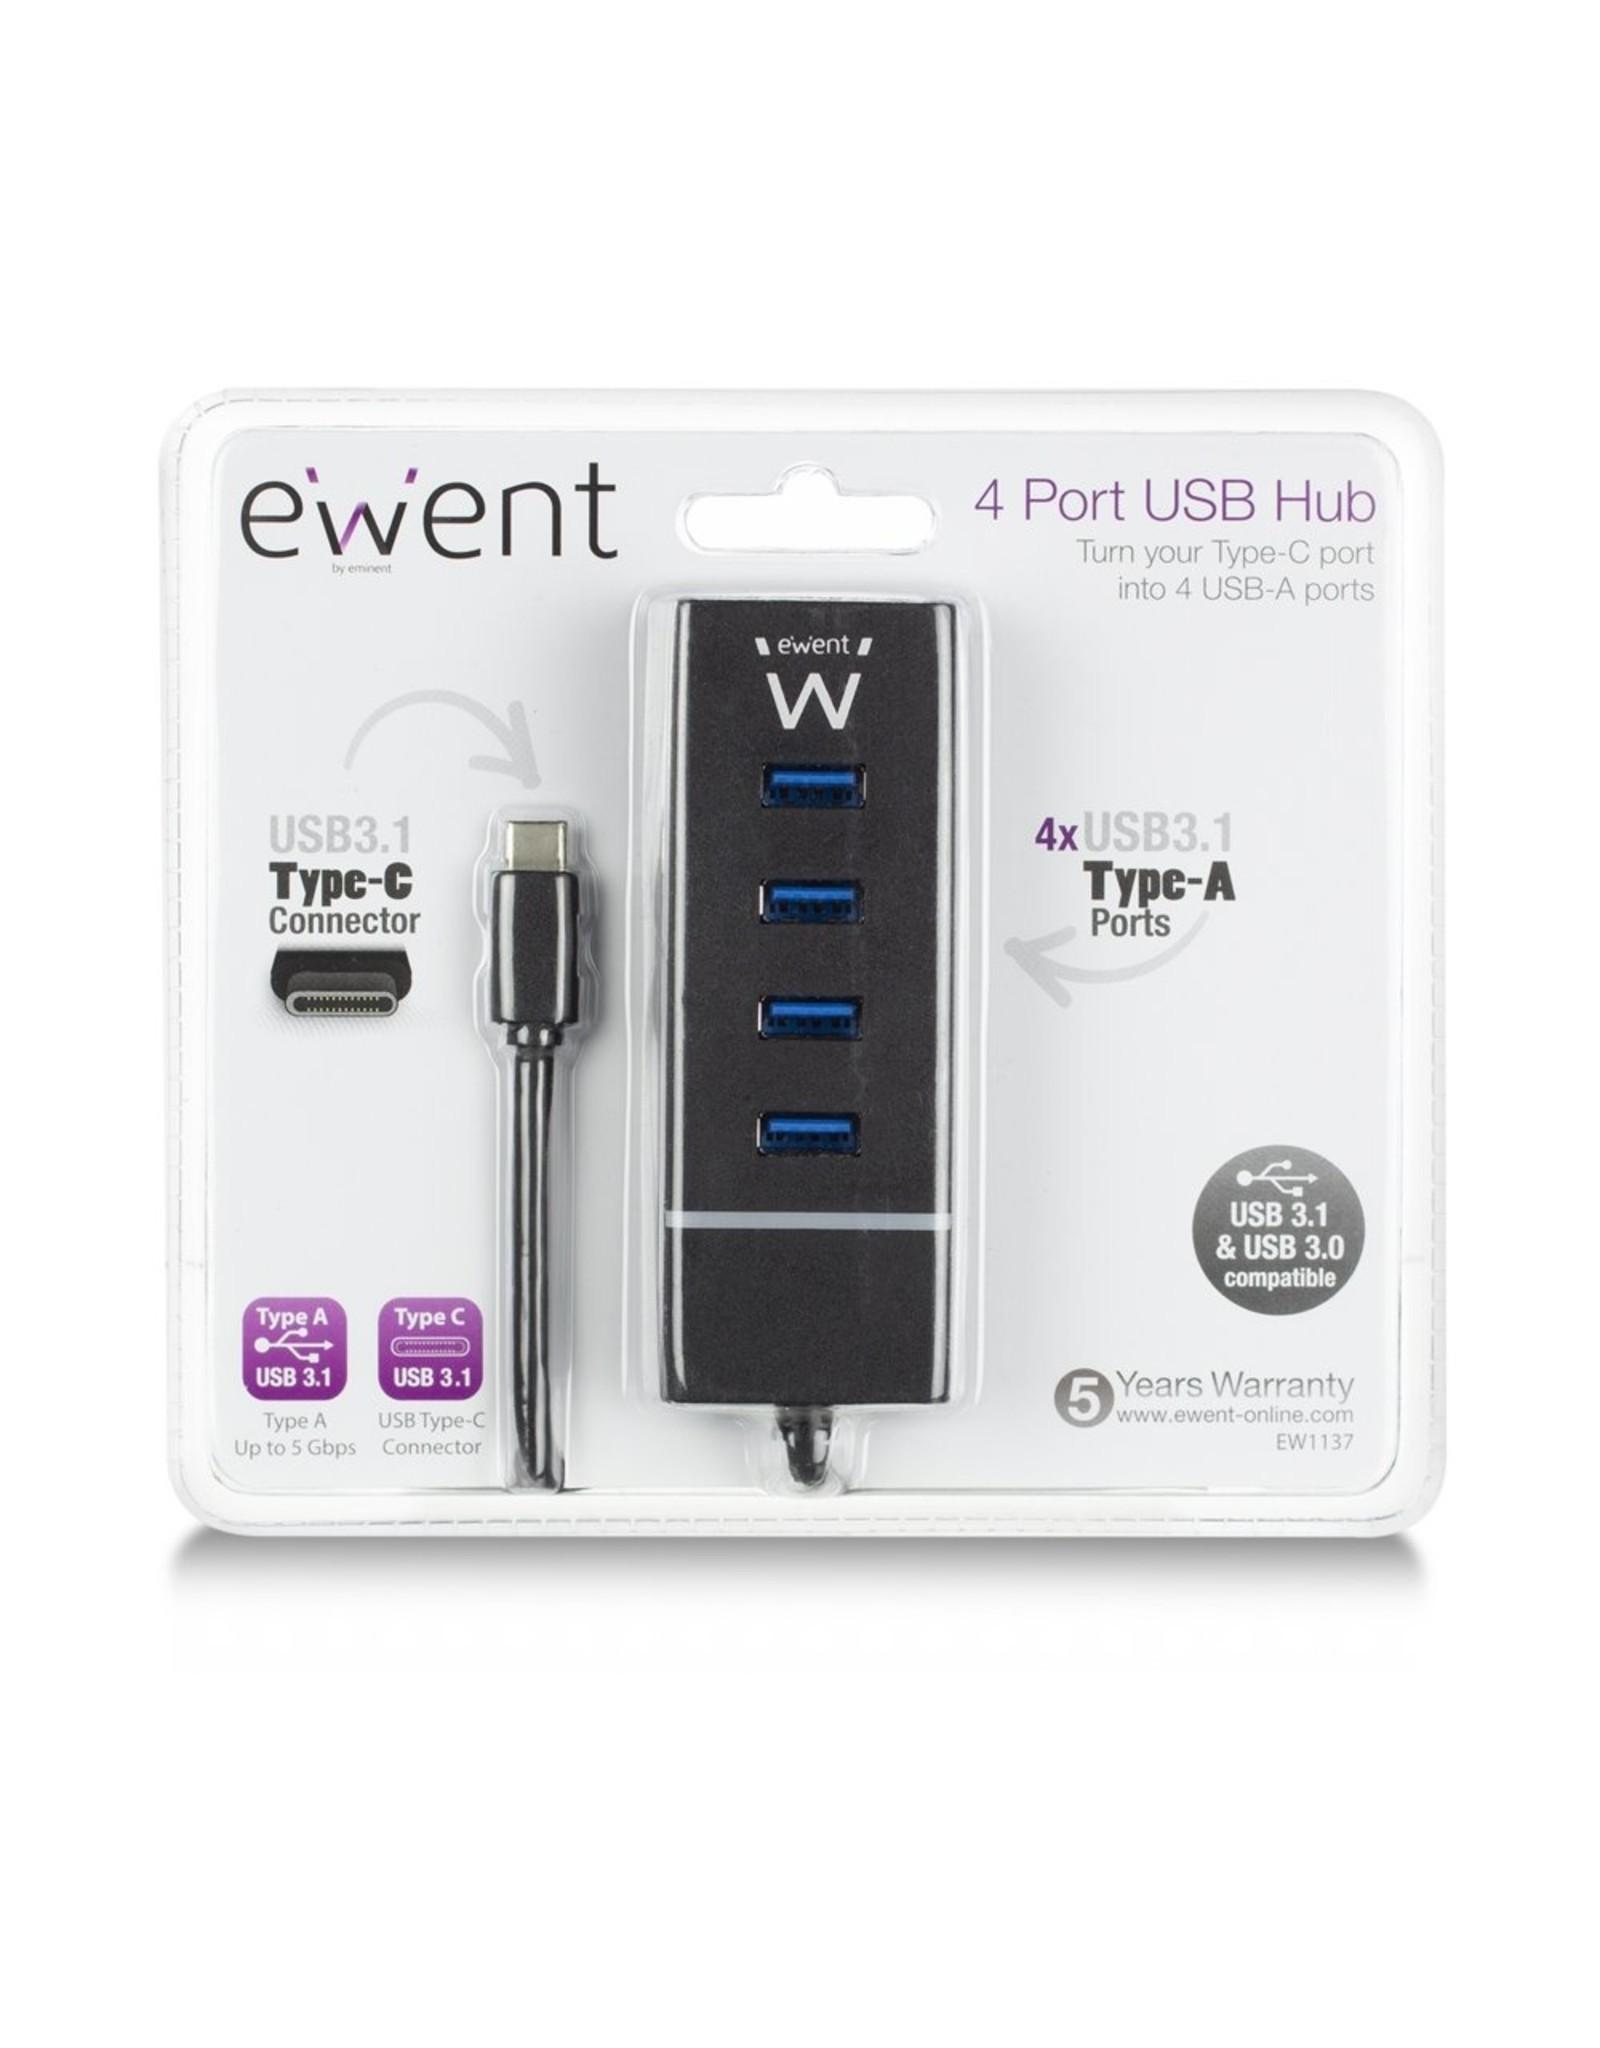 Ewent USB 3.1 Gen1 (USB 3.0) Hub 4 port Type-C connector